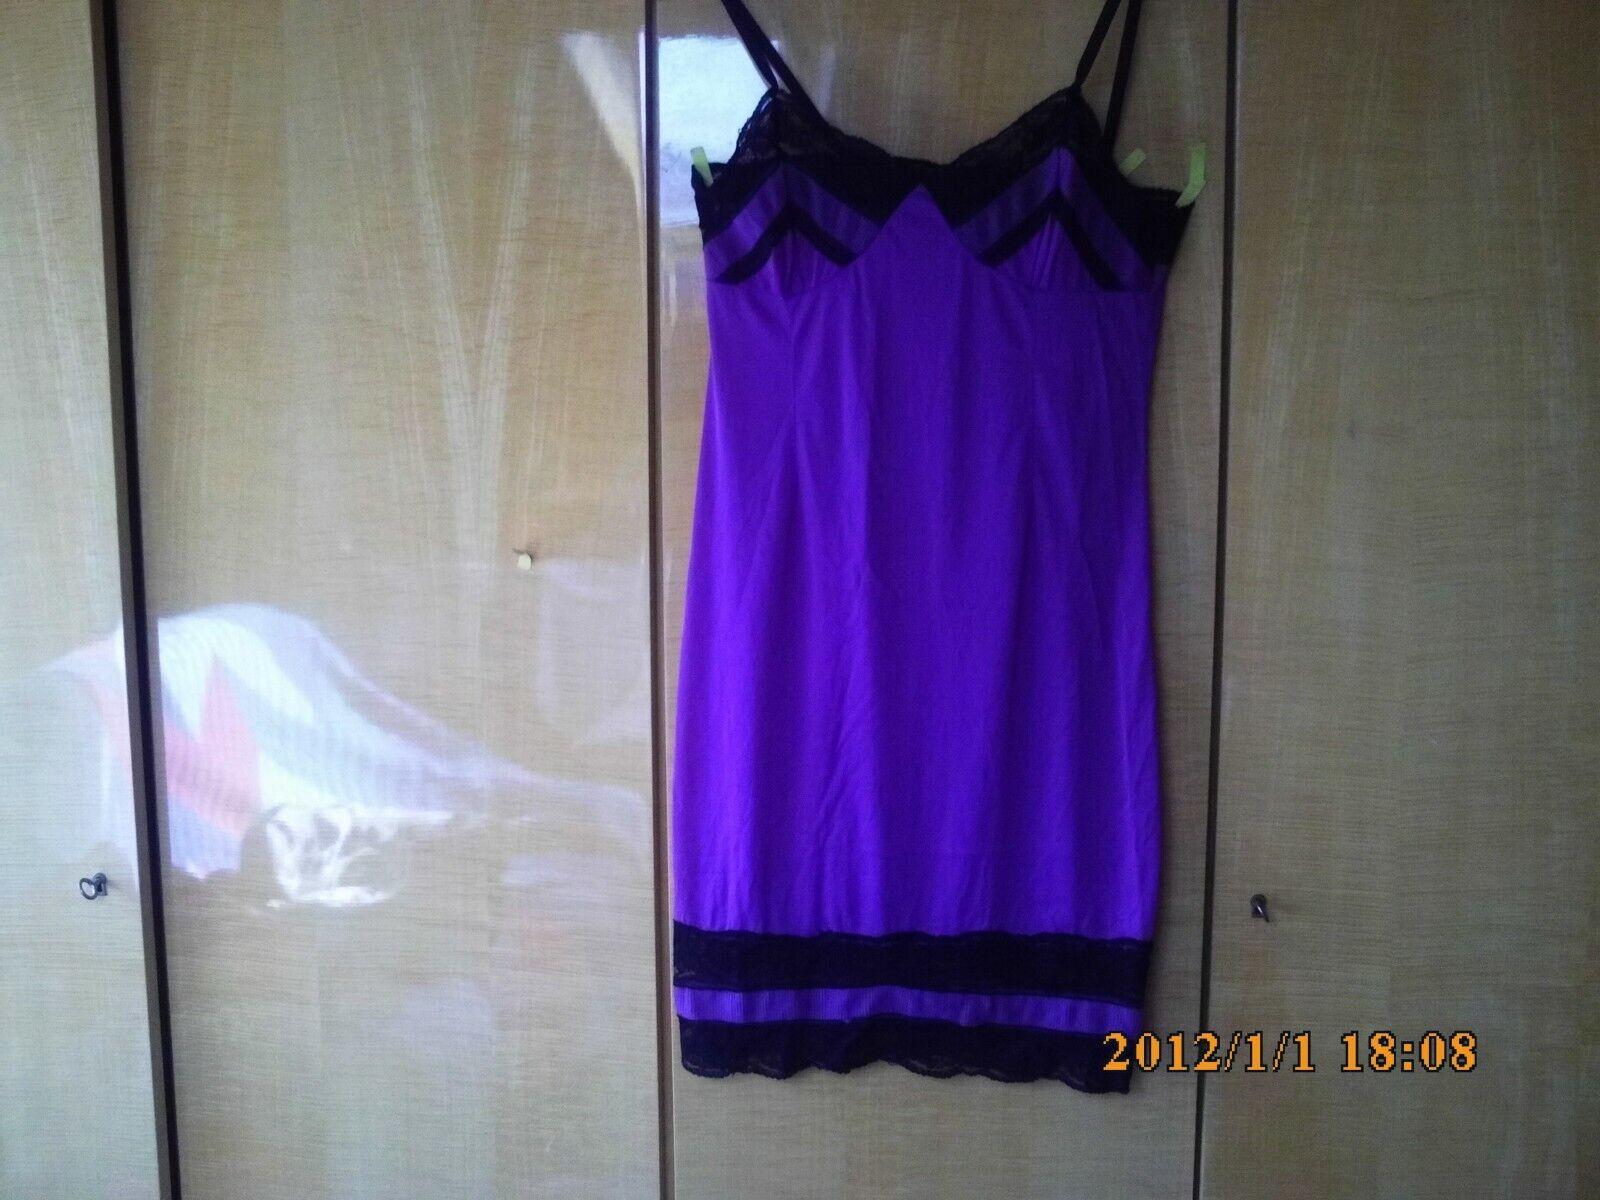 Sehr schönes Perlon Nylon Unterkleid Unterrock Gr.46 Farbe brommbeer